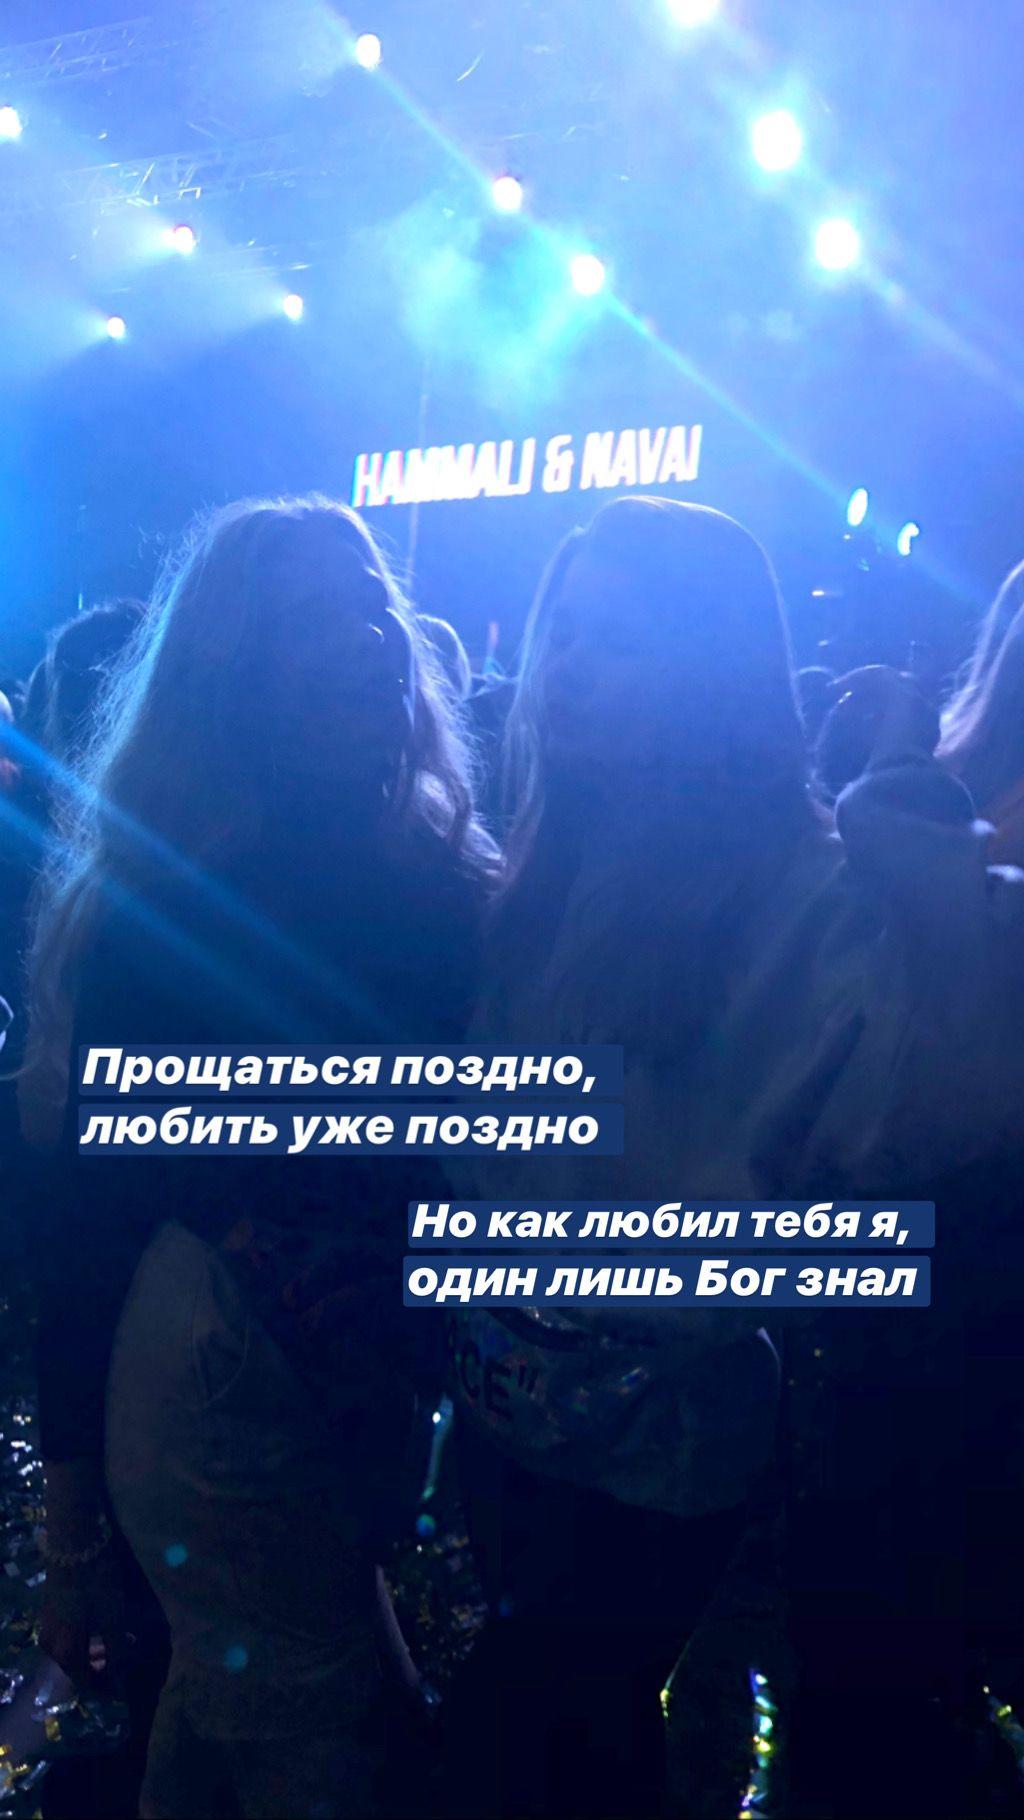 Фразы для ночных клубов ночной клуб xl в лесосибирске на